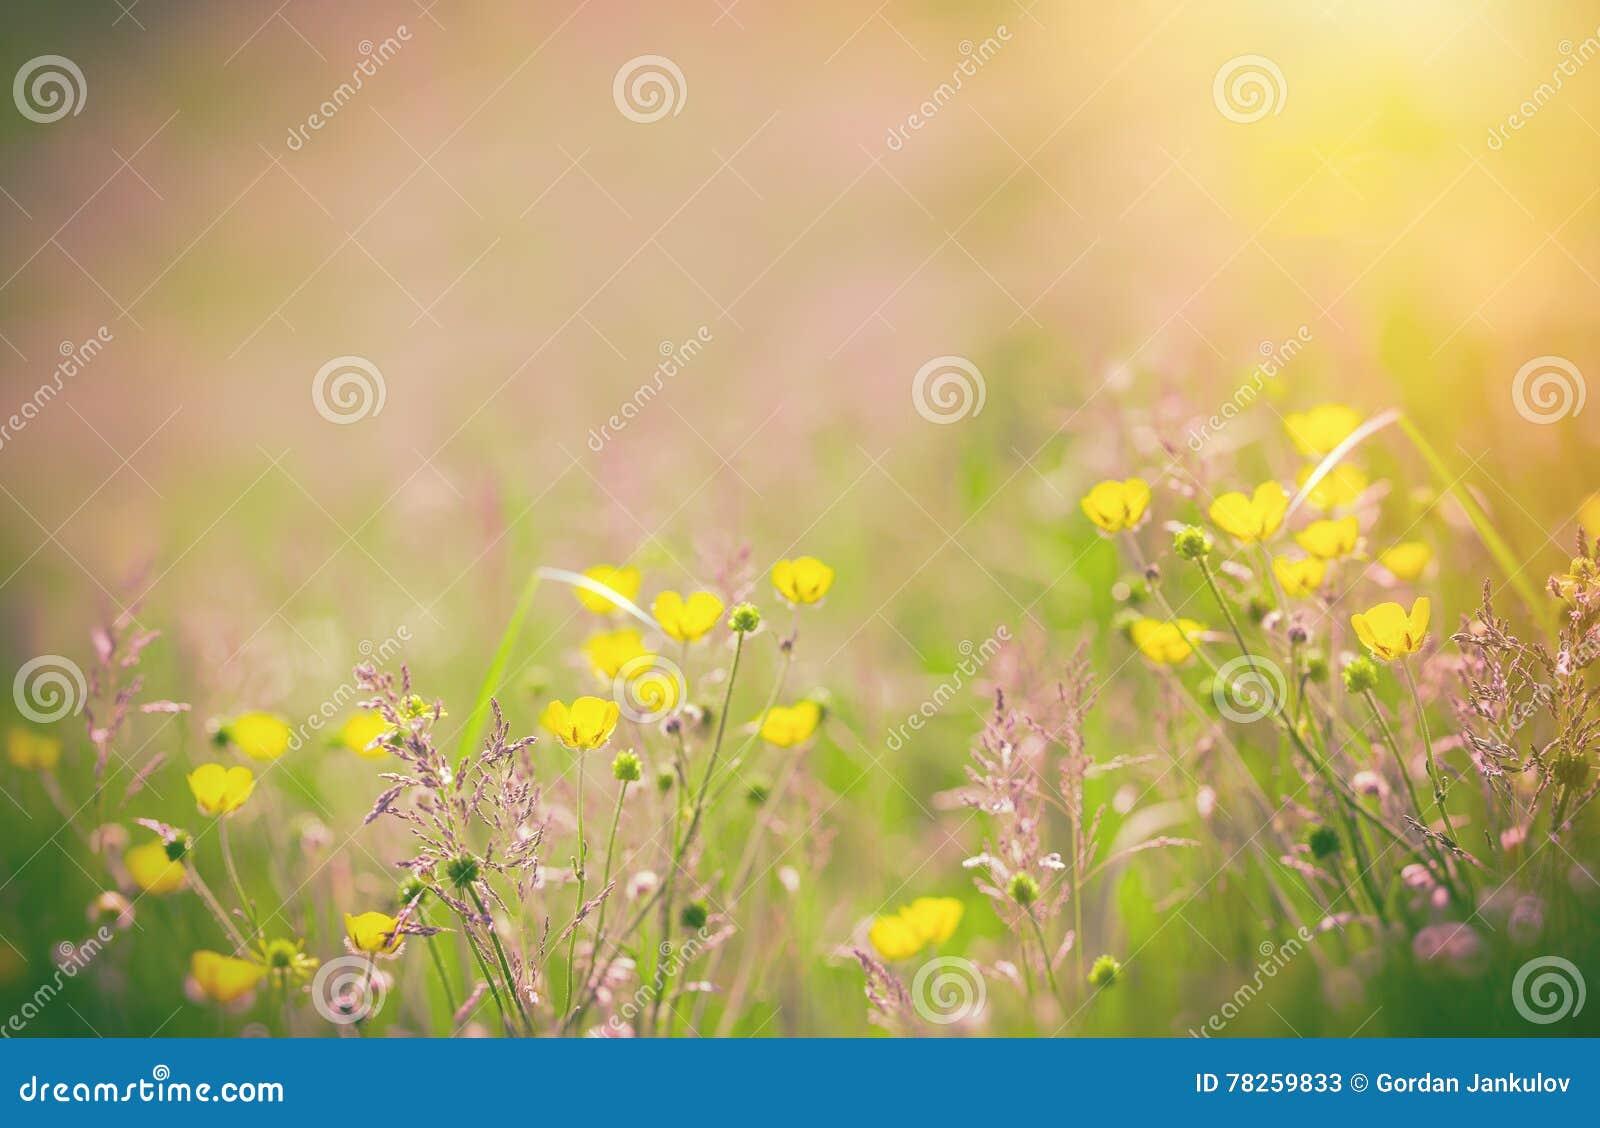 Κίτρινα λουλούδια στο λιβάδι - νεραγκούλα